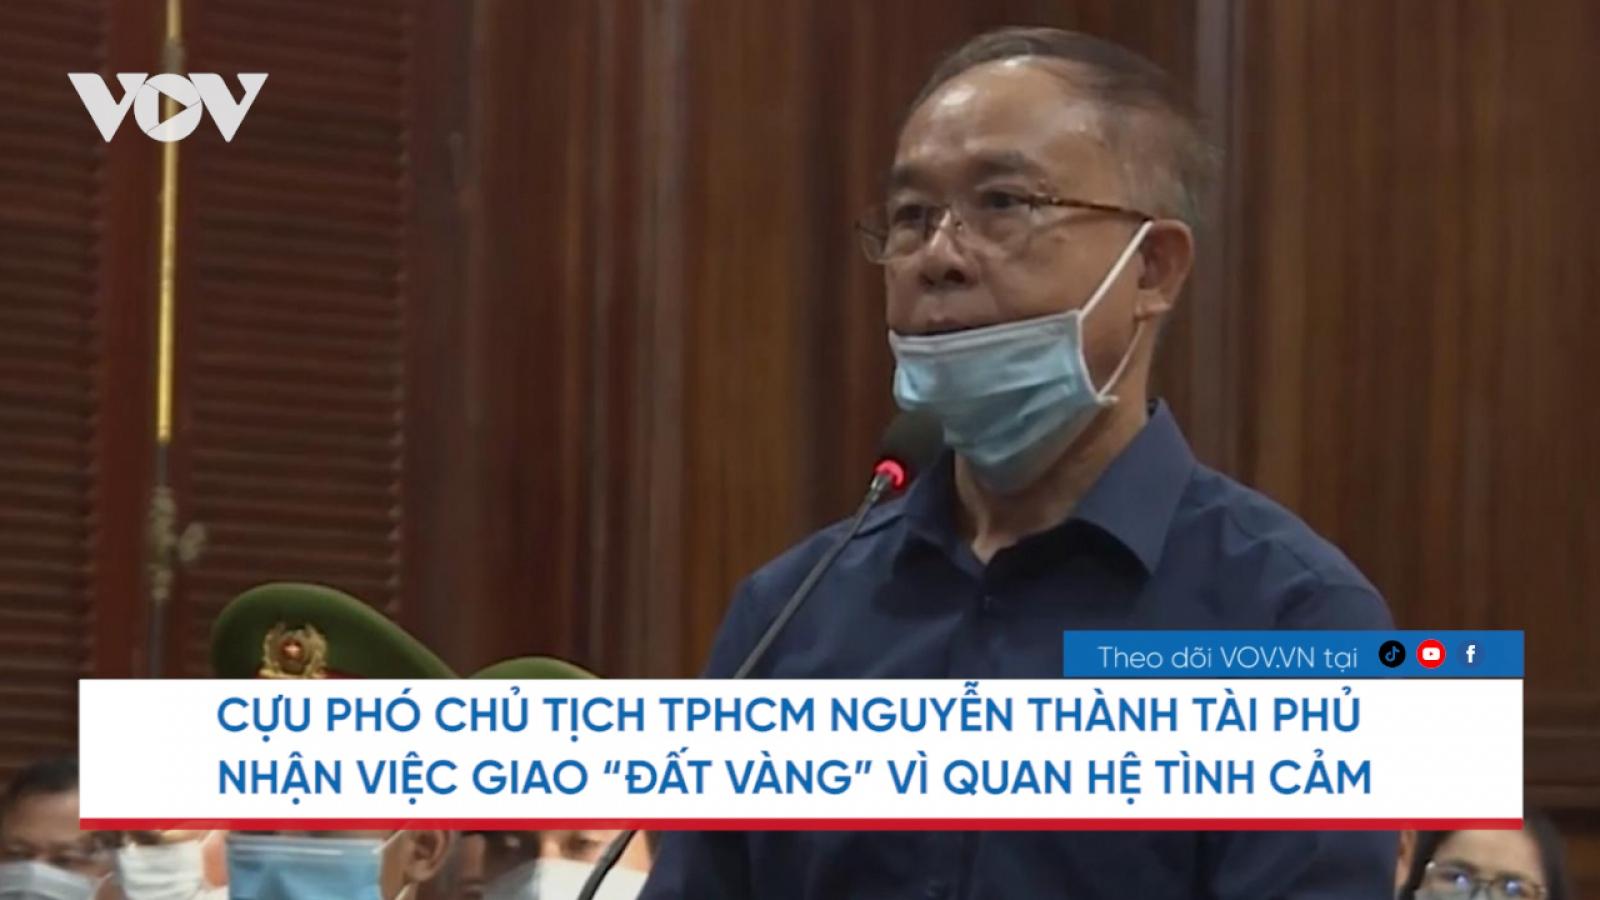 """Nóng 24h: Cựu lãnh đạo TPHCM phủ nhận giao """"đất vàng"""" vì quan hệ tình cảm"""